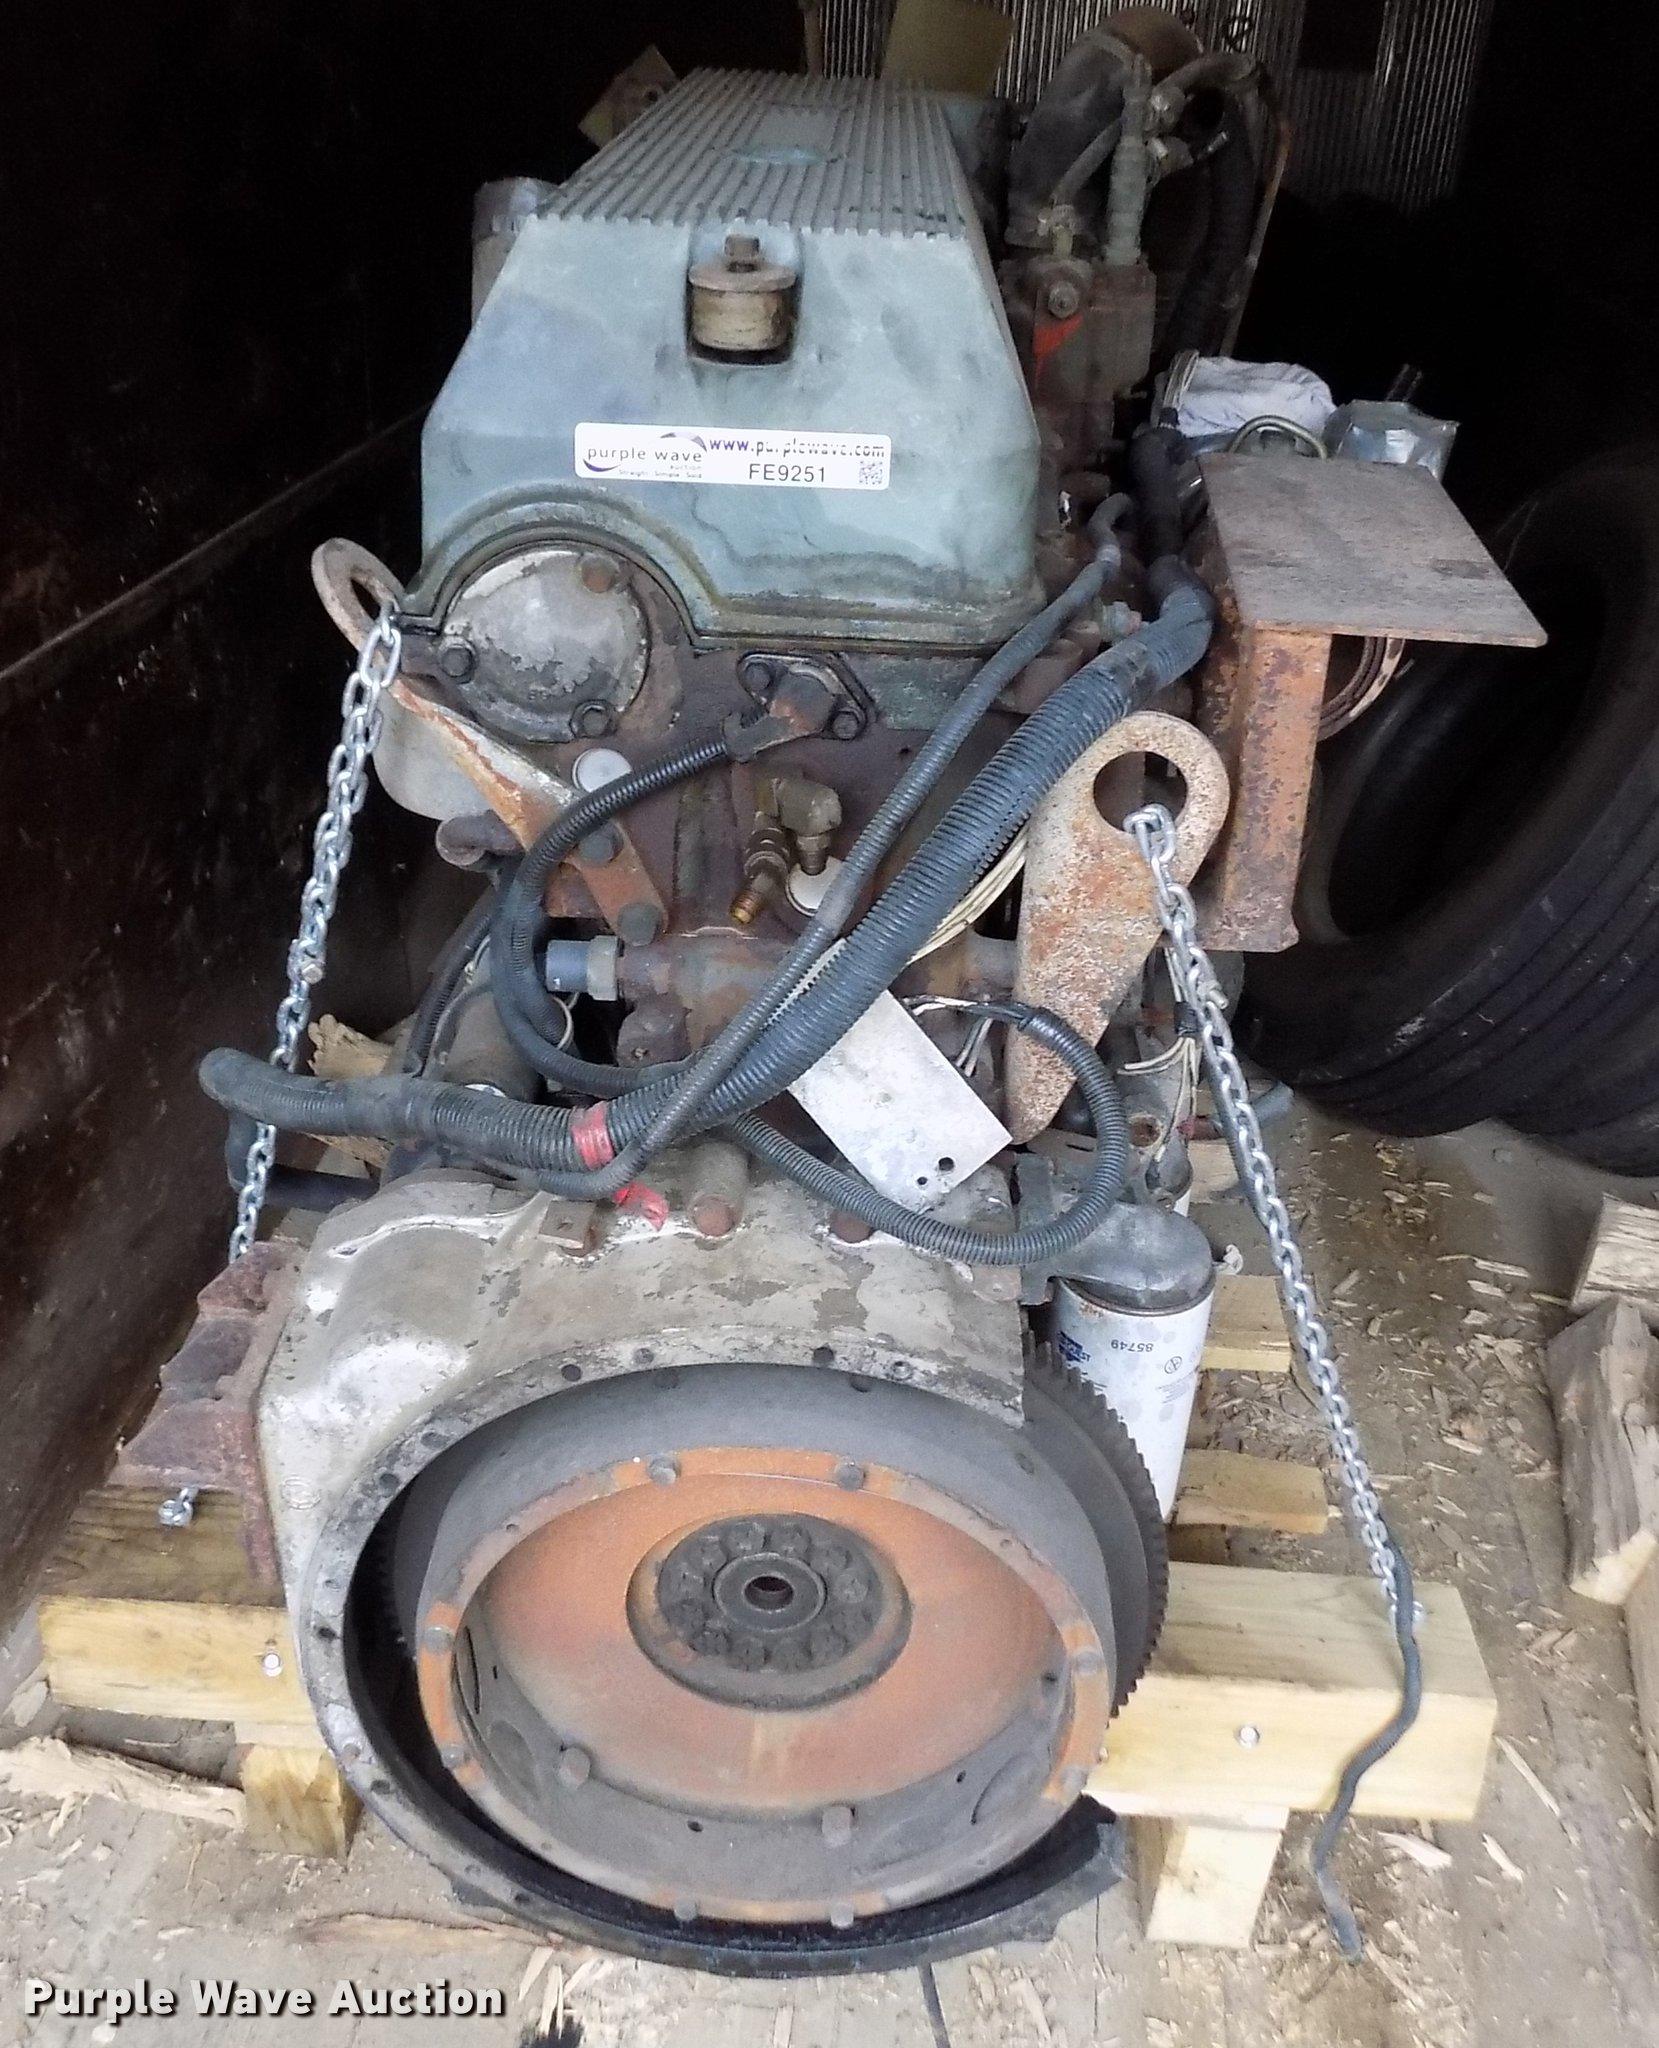 Detroit Diesel Series 60 11 1L L6 turbo diesel engine | Item